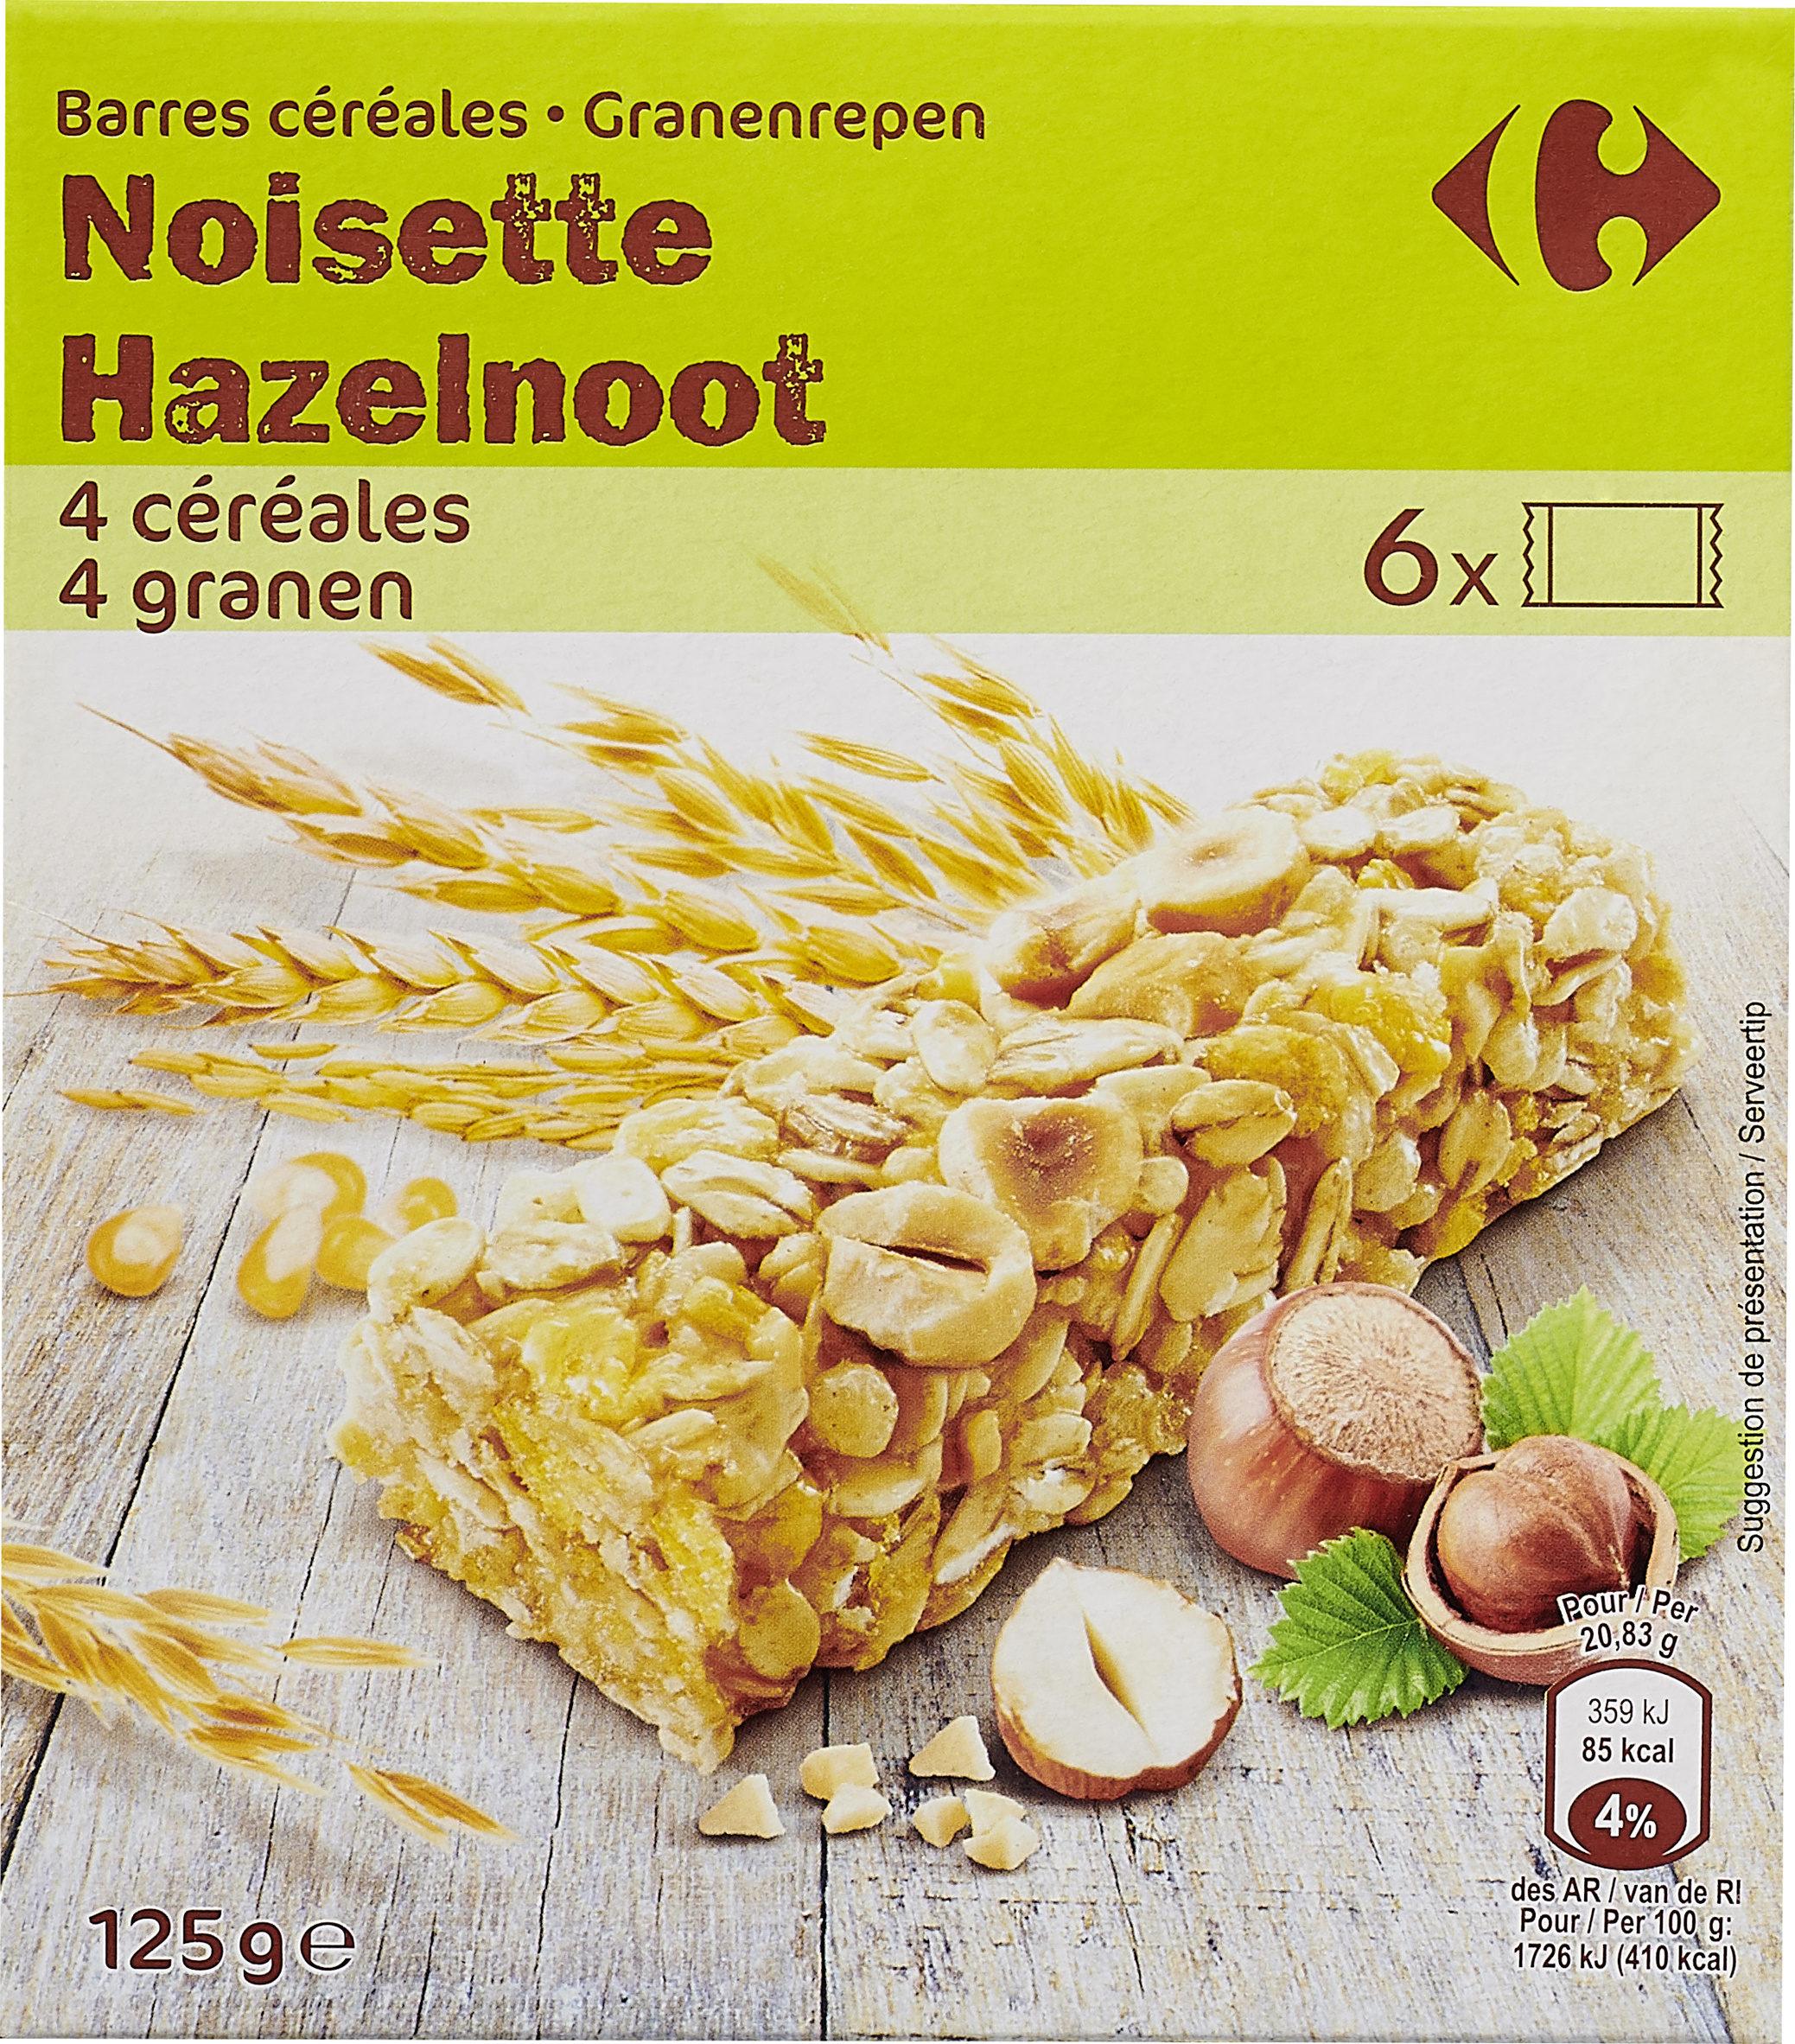 Barres céréales noisette - Producto - es